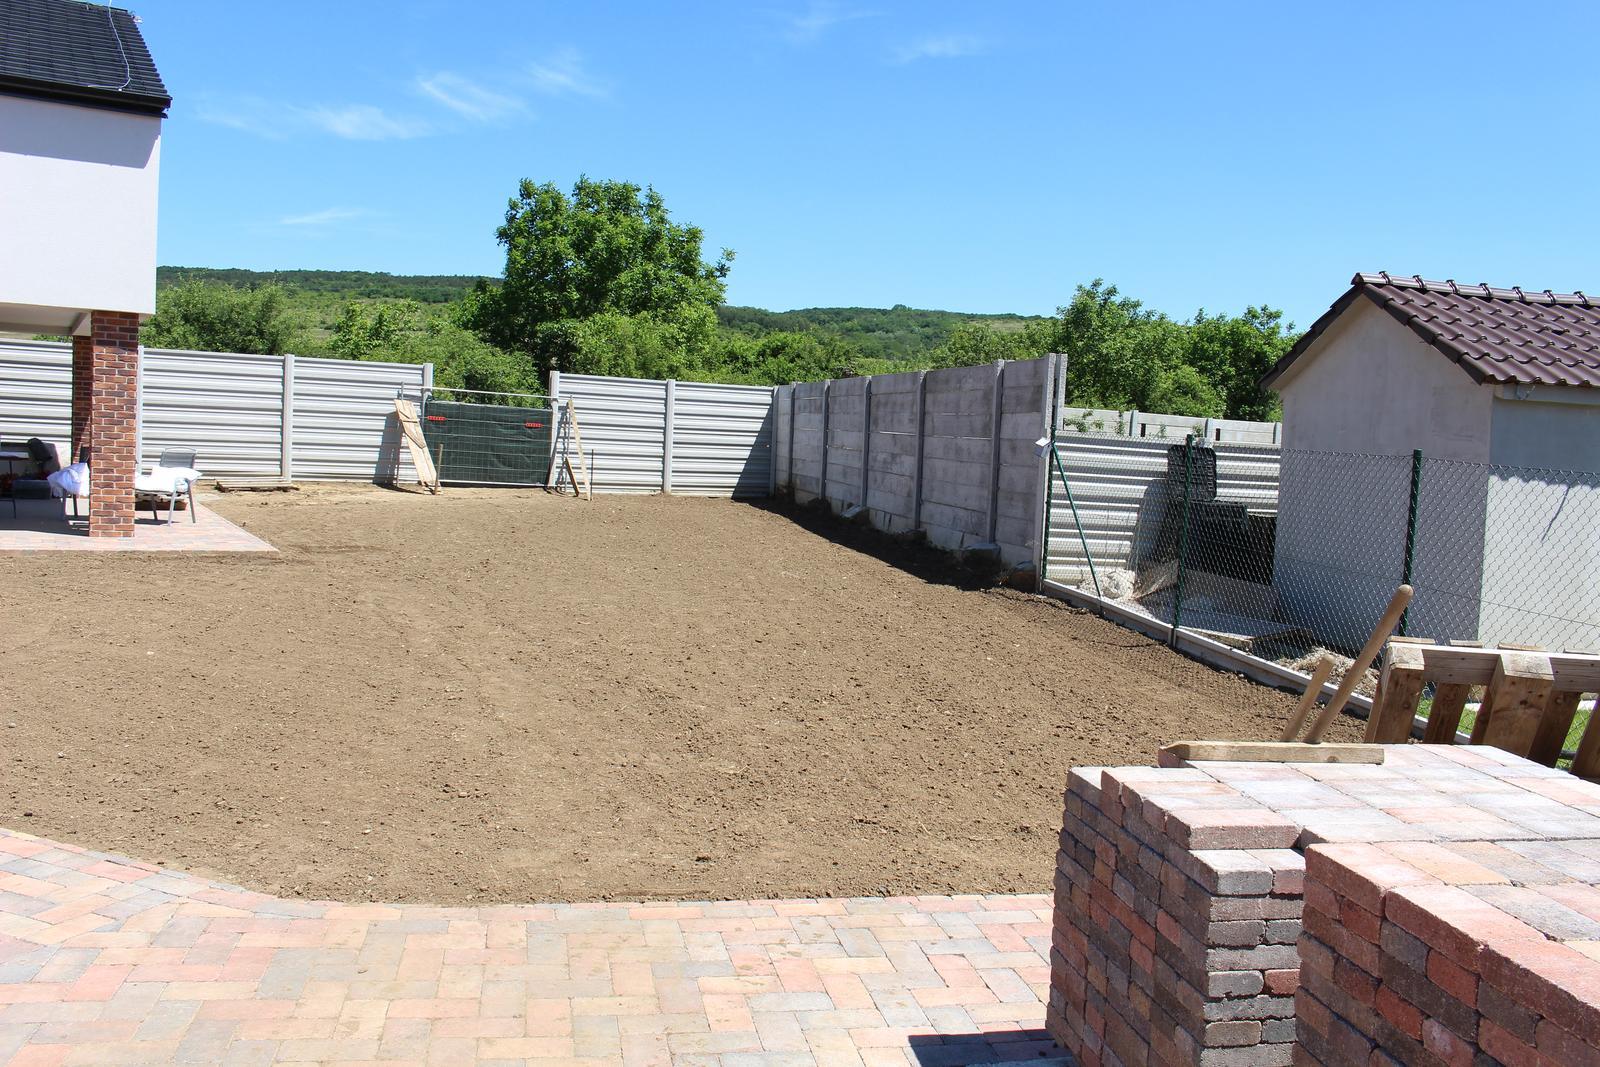 Exteriér - záhrada - Zarovnávanie terénu